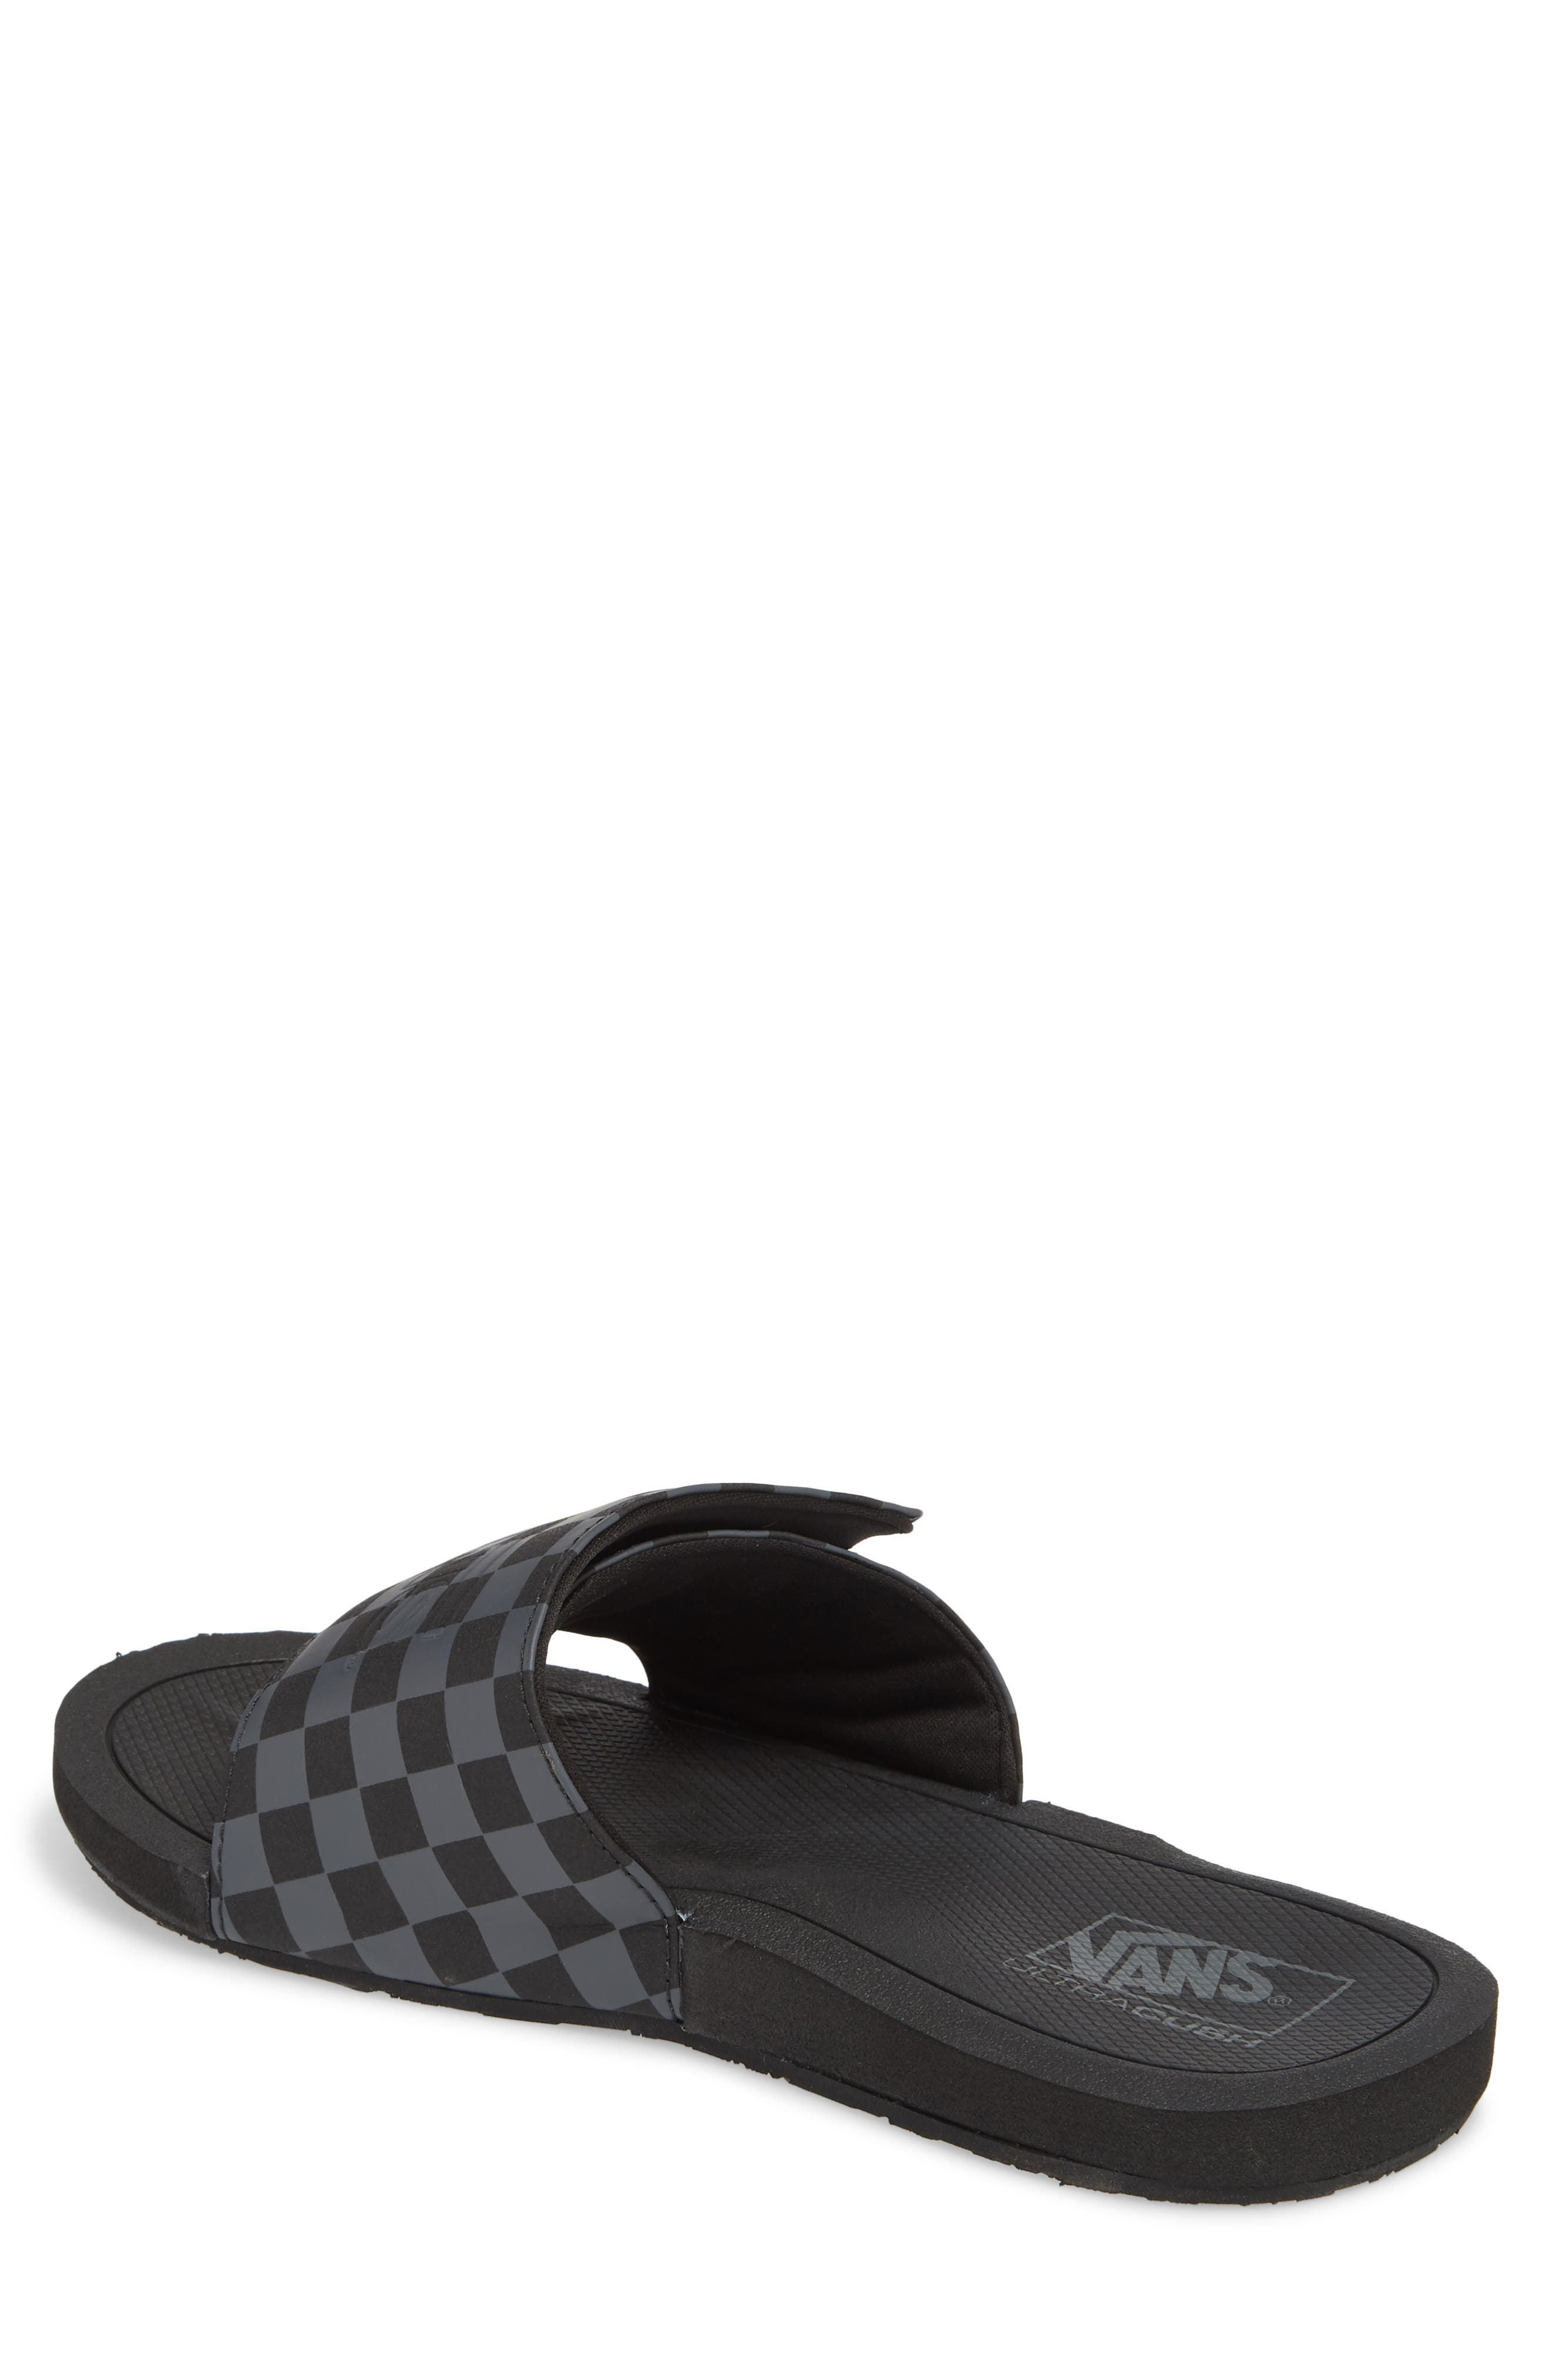 Alternate Image 2  - Vans Nexpa Slide Sandal (Men)